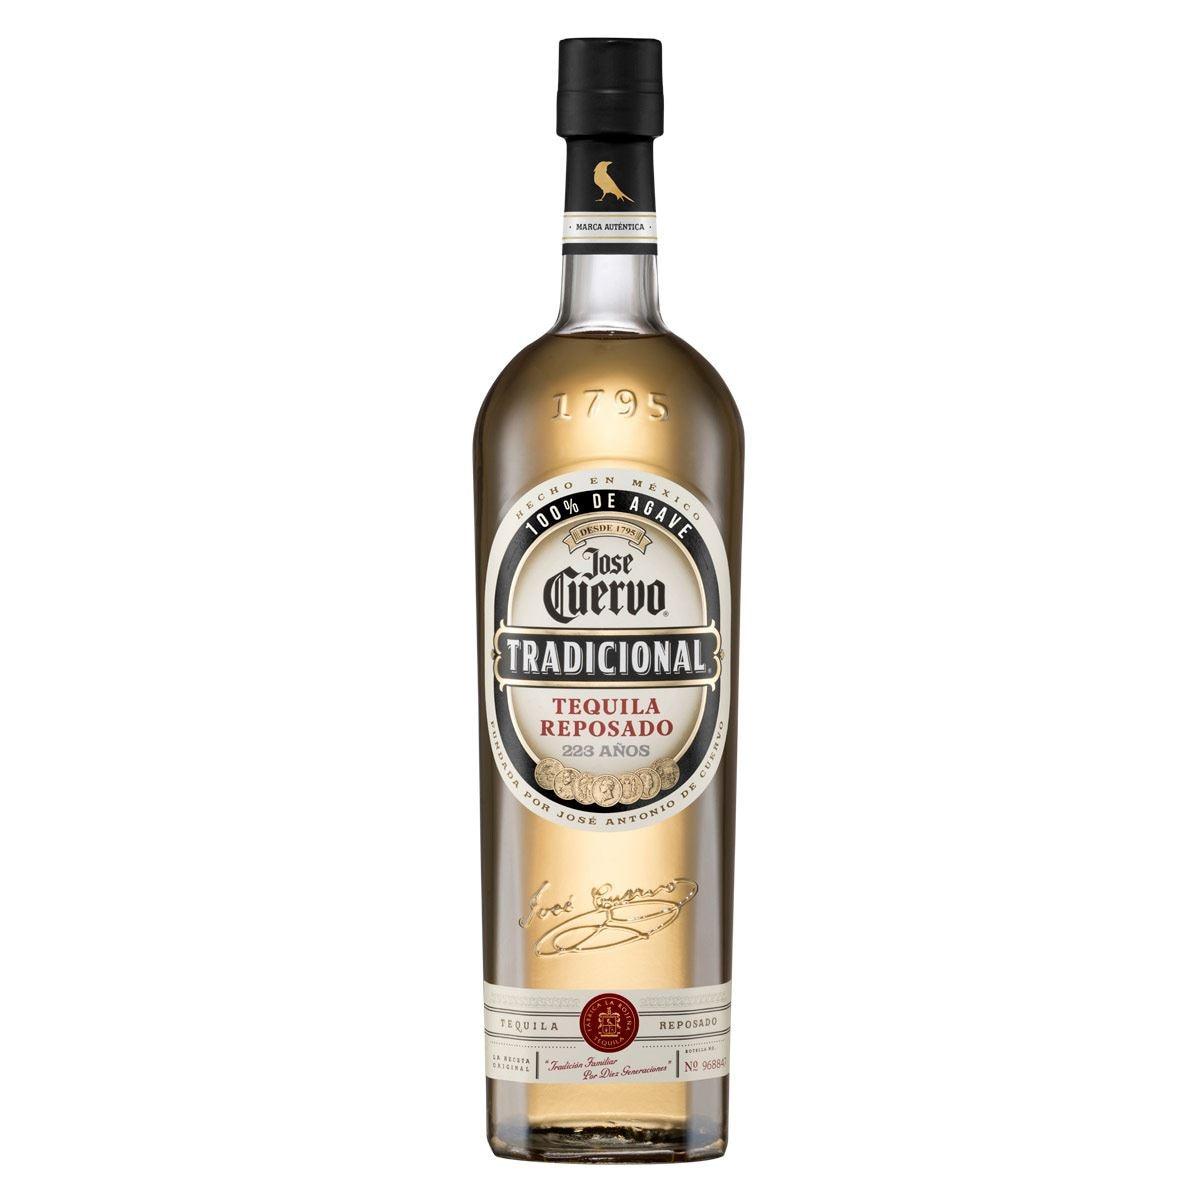 Tequila Jose Cuervo Tradicional Reposado  950 ml